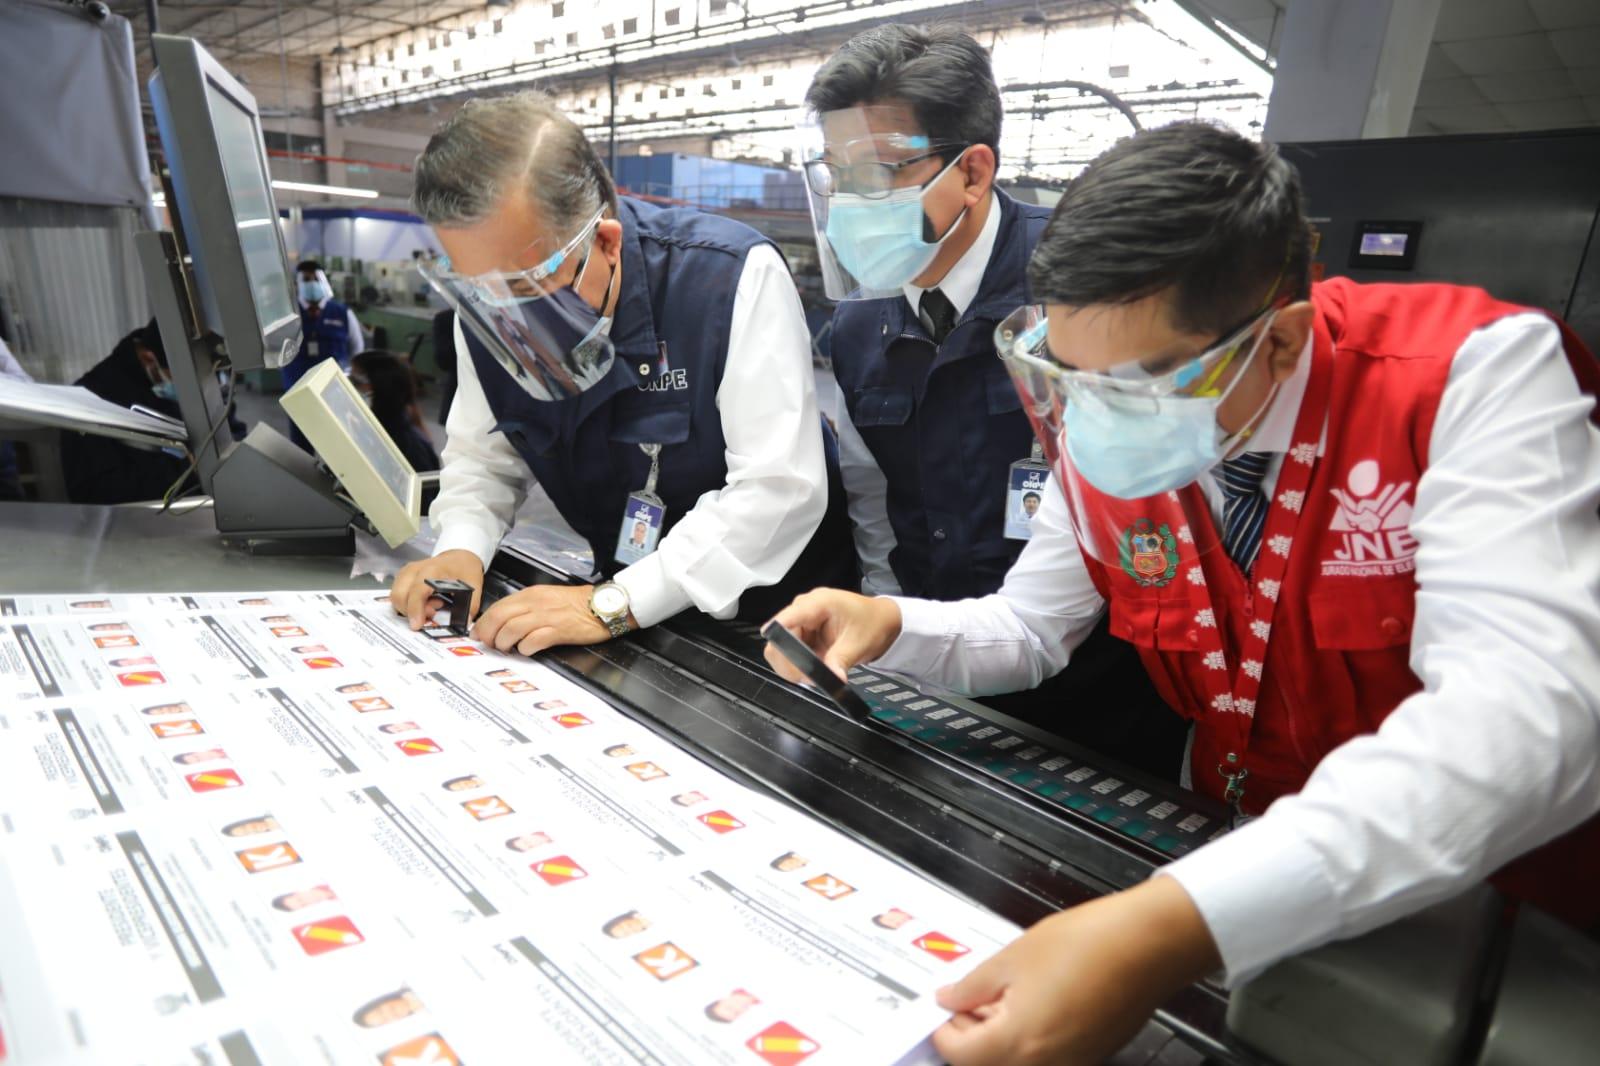 ONPE inició impresión de las cédulas de sufragio para segunda vuelta electoral del próximo 6 de junio